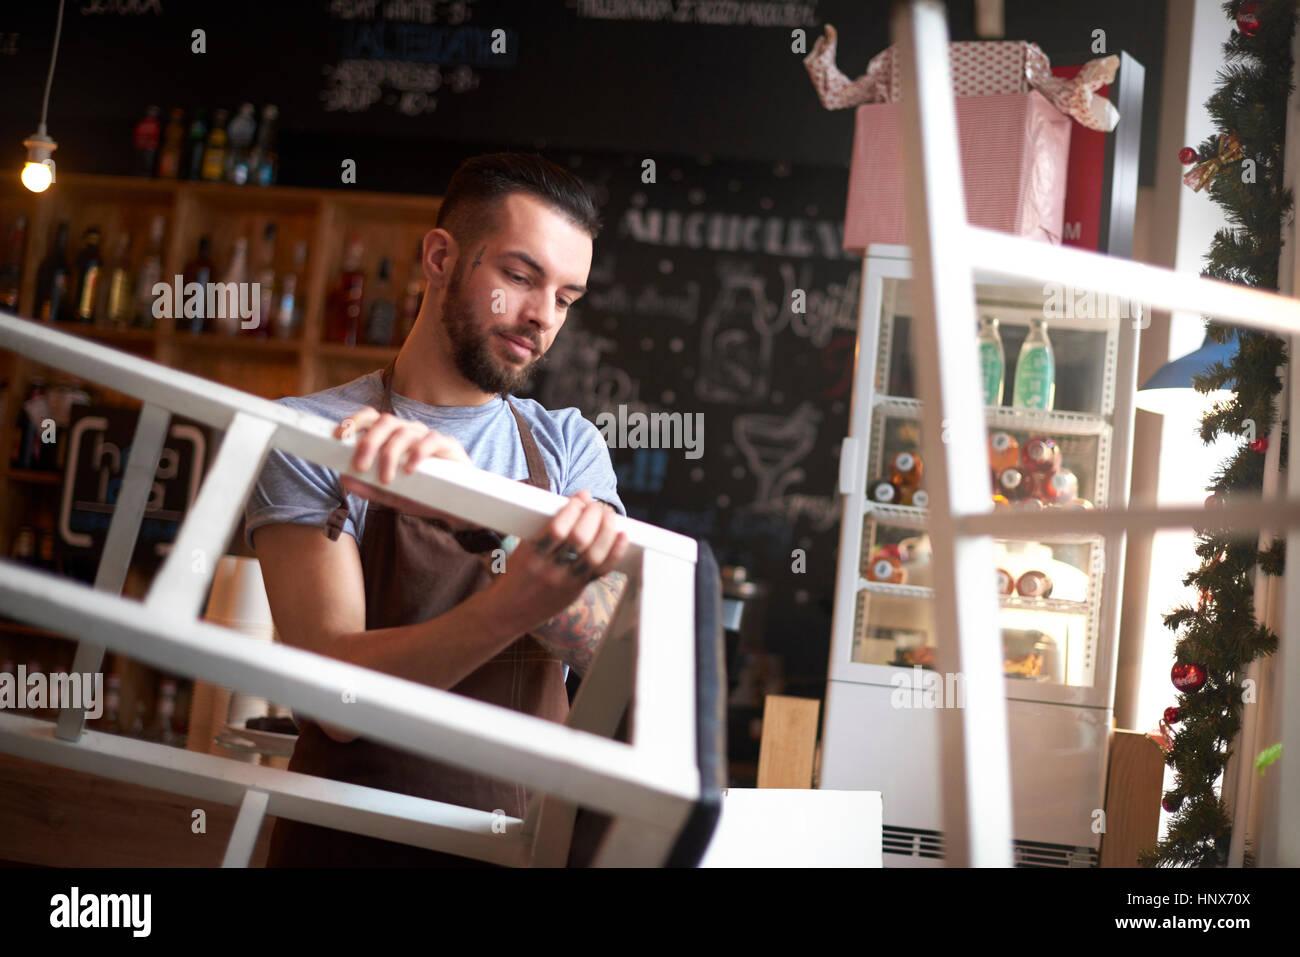 Barista stacking bar stools - Stock Image